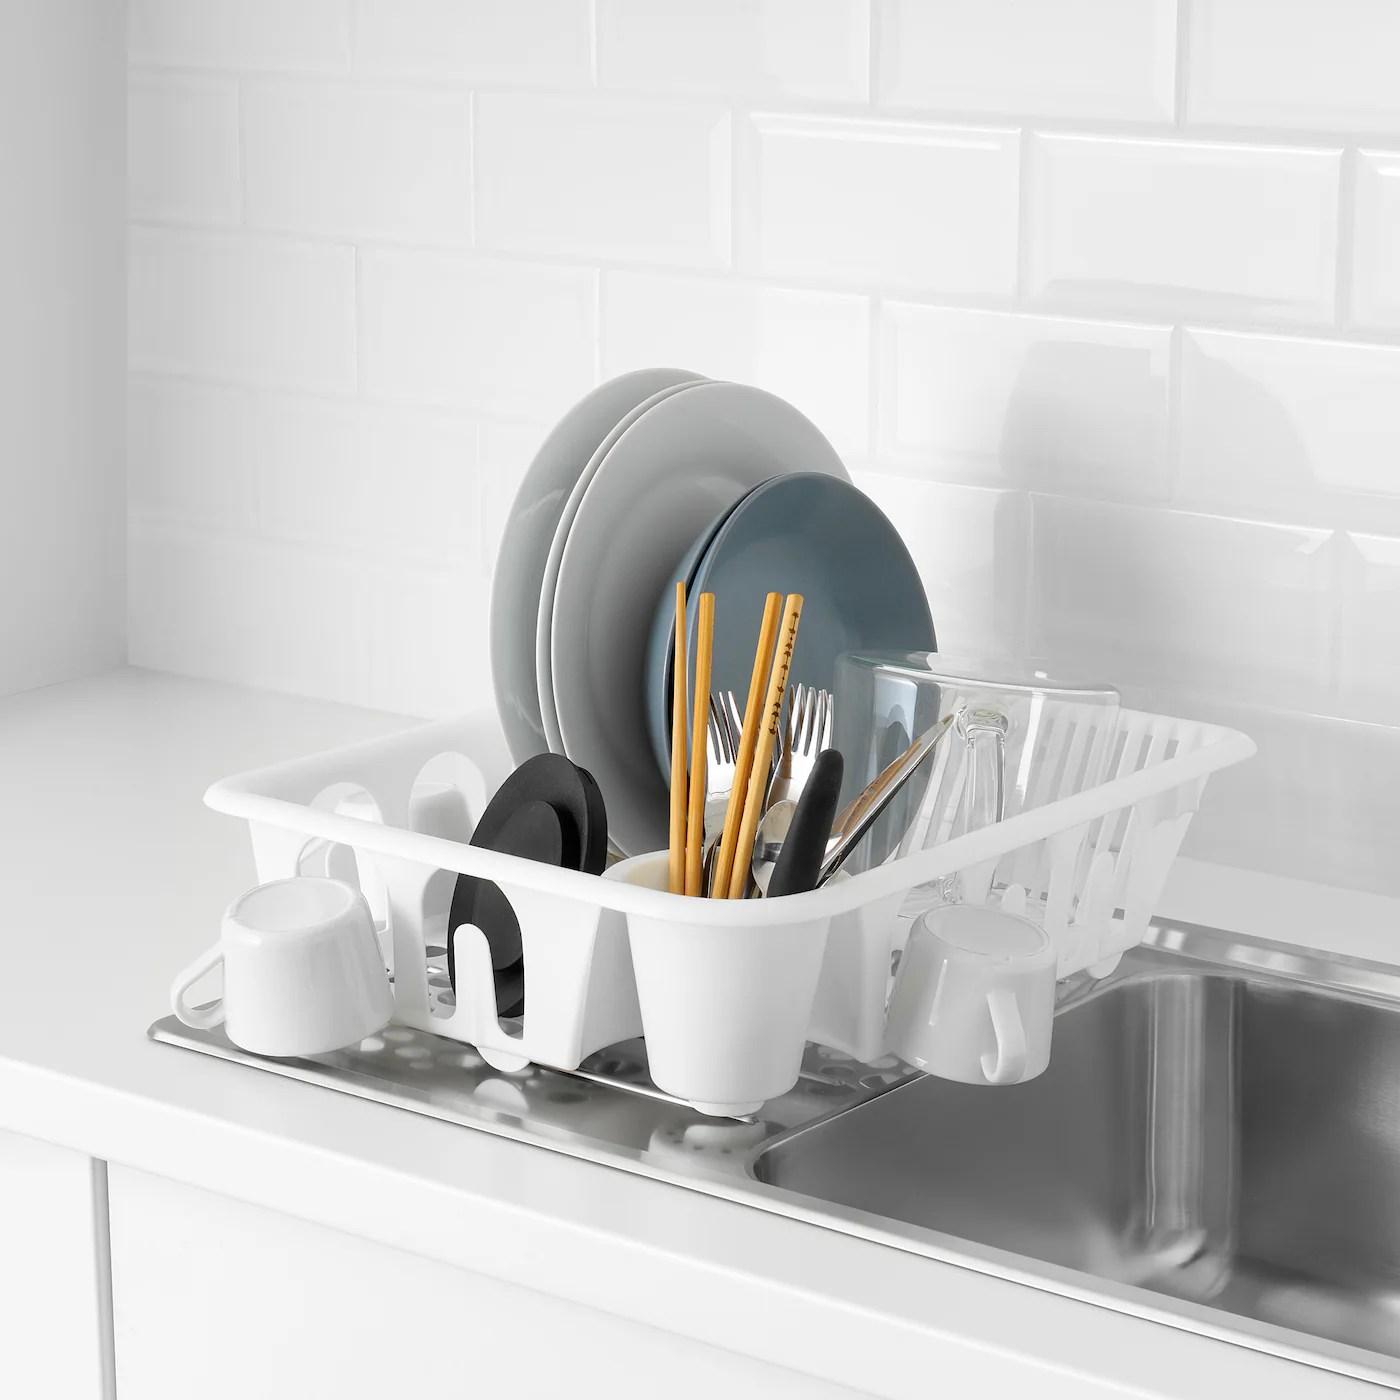 flundra egouttoir a vaisselle blanc